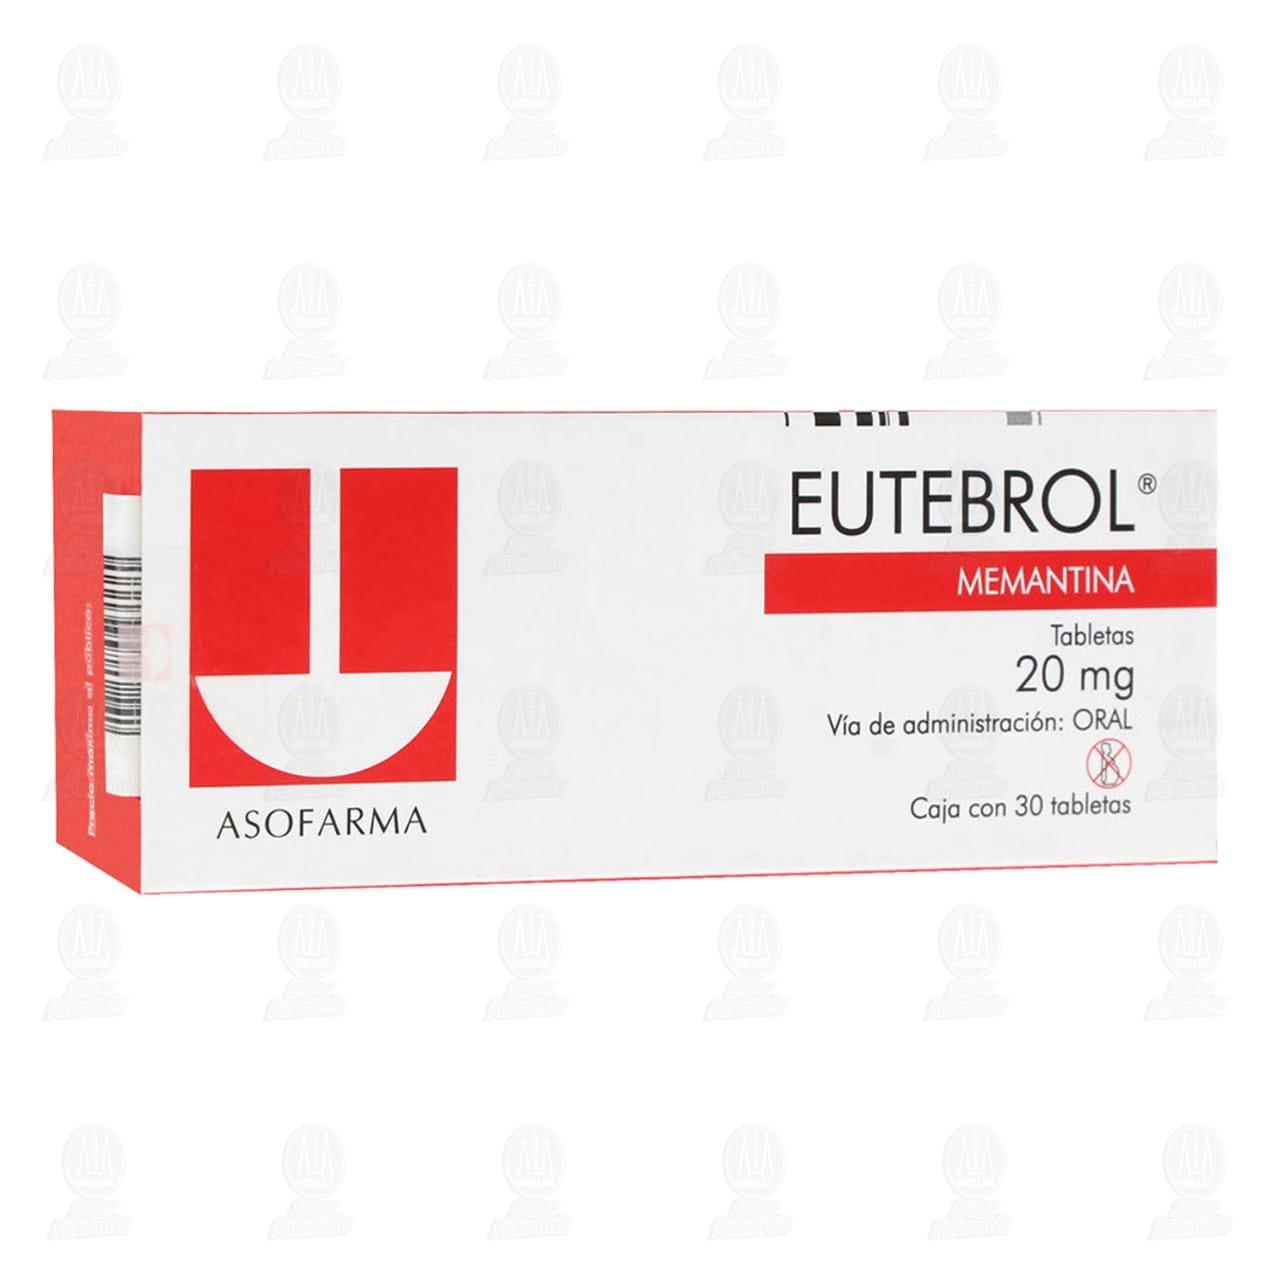 Eutebrol 20mg 30 Tabletas